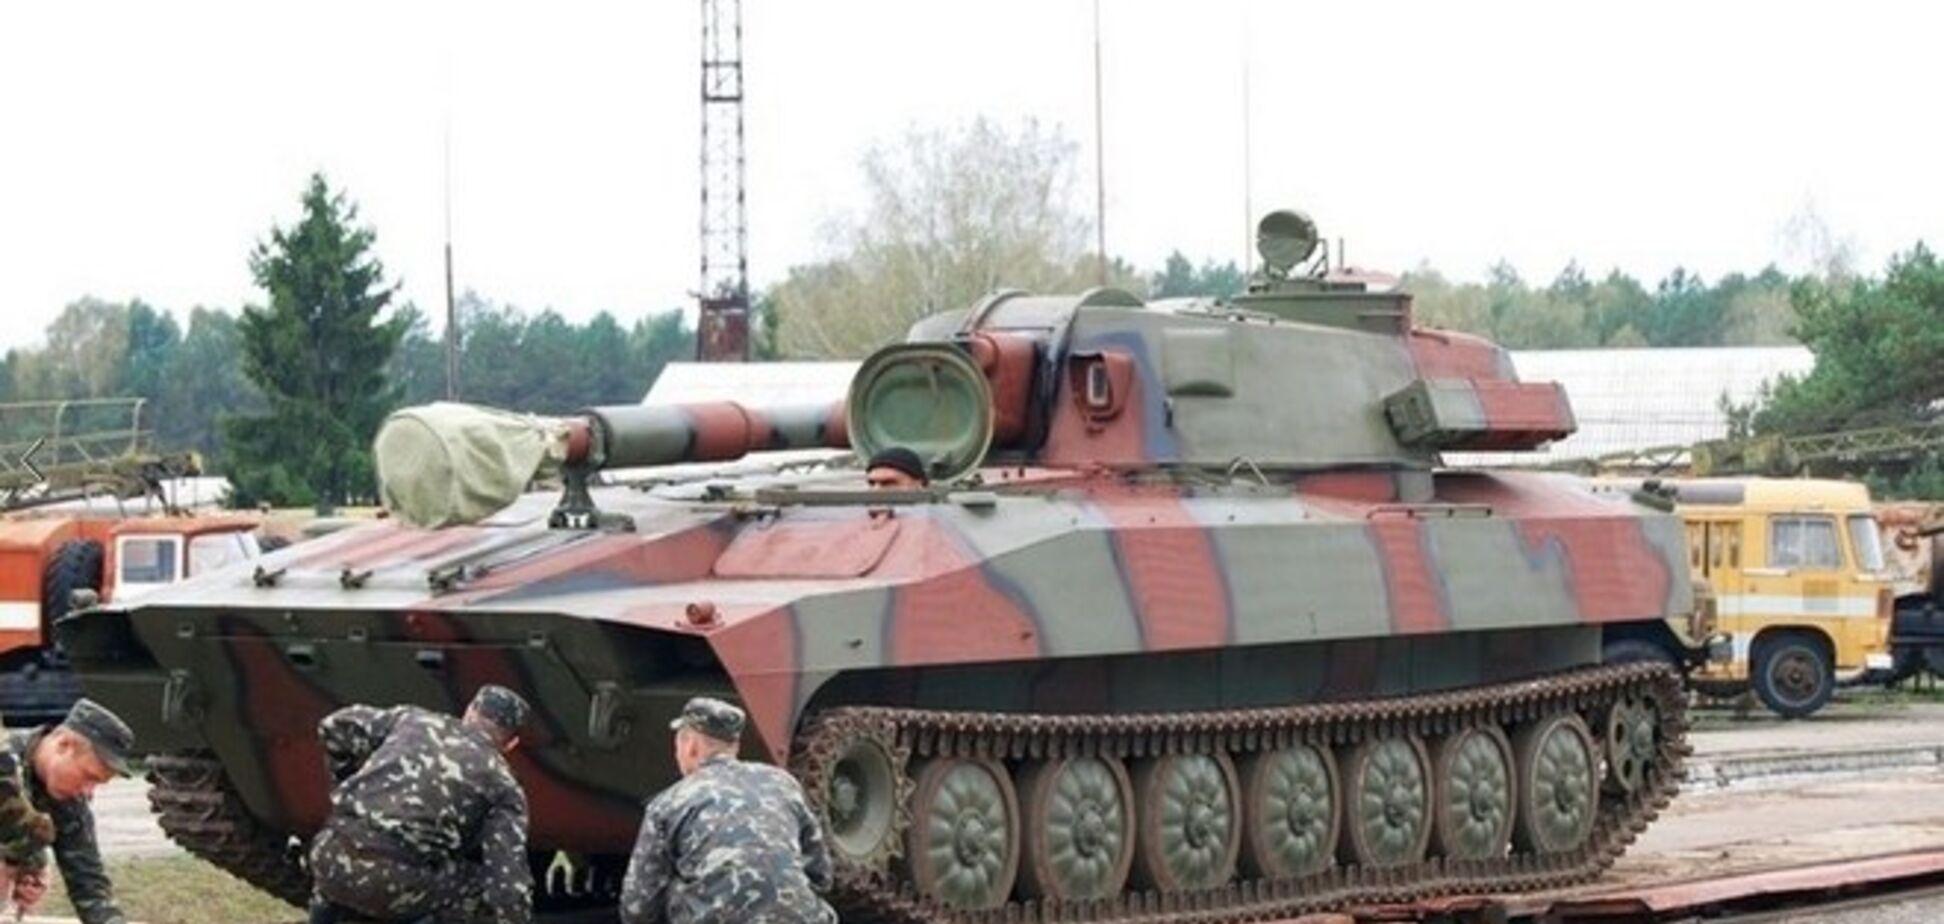 Для уничтожения террористов силам АТО передали 20 'Гвоздик': опубликованы фото